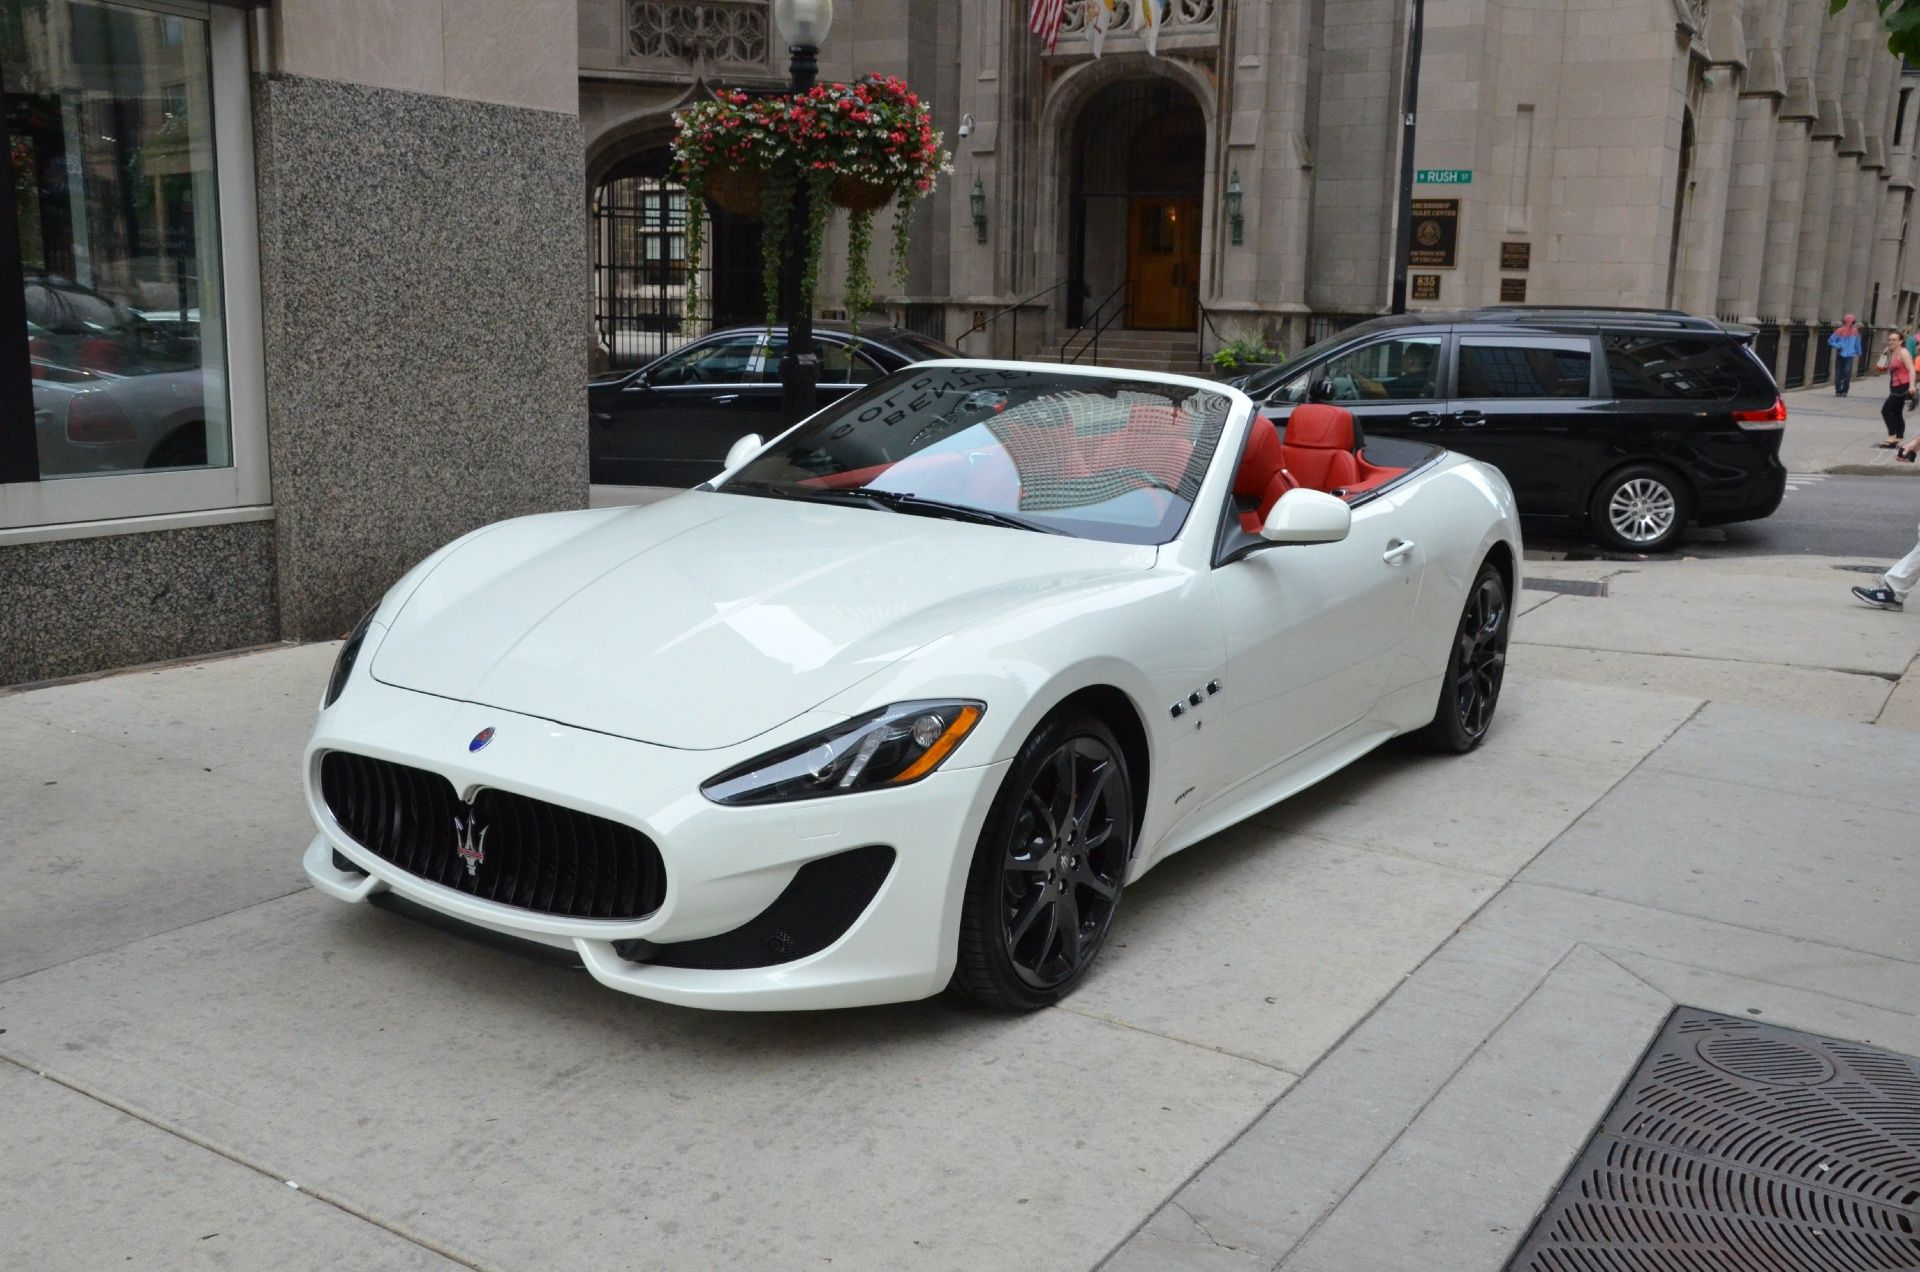 Maserati Granturismo Convertible White Image 160 Maserati Granturismo Convertible Maserati Granturismo Maserati Convertible